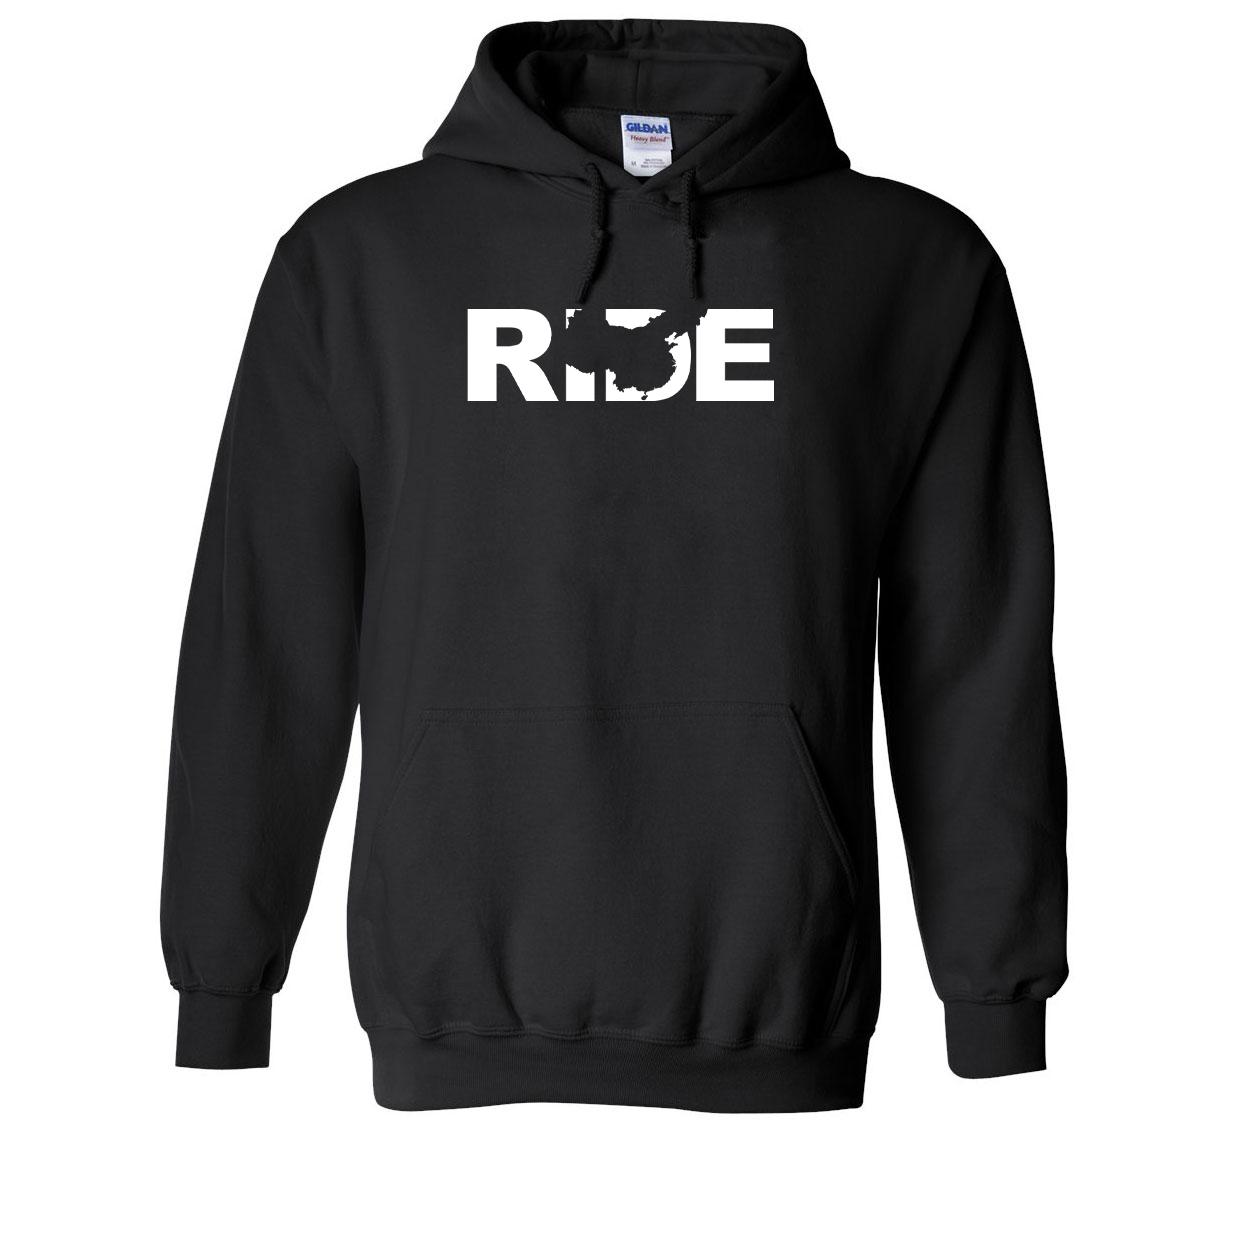 Ride China Classic Sweatshirt Black (White Logo)